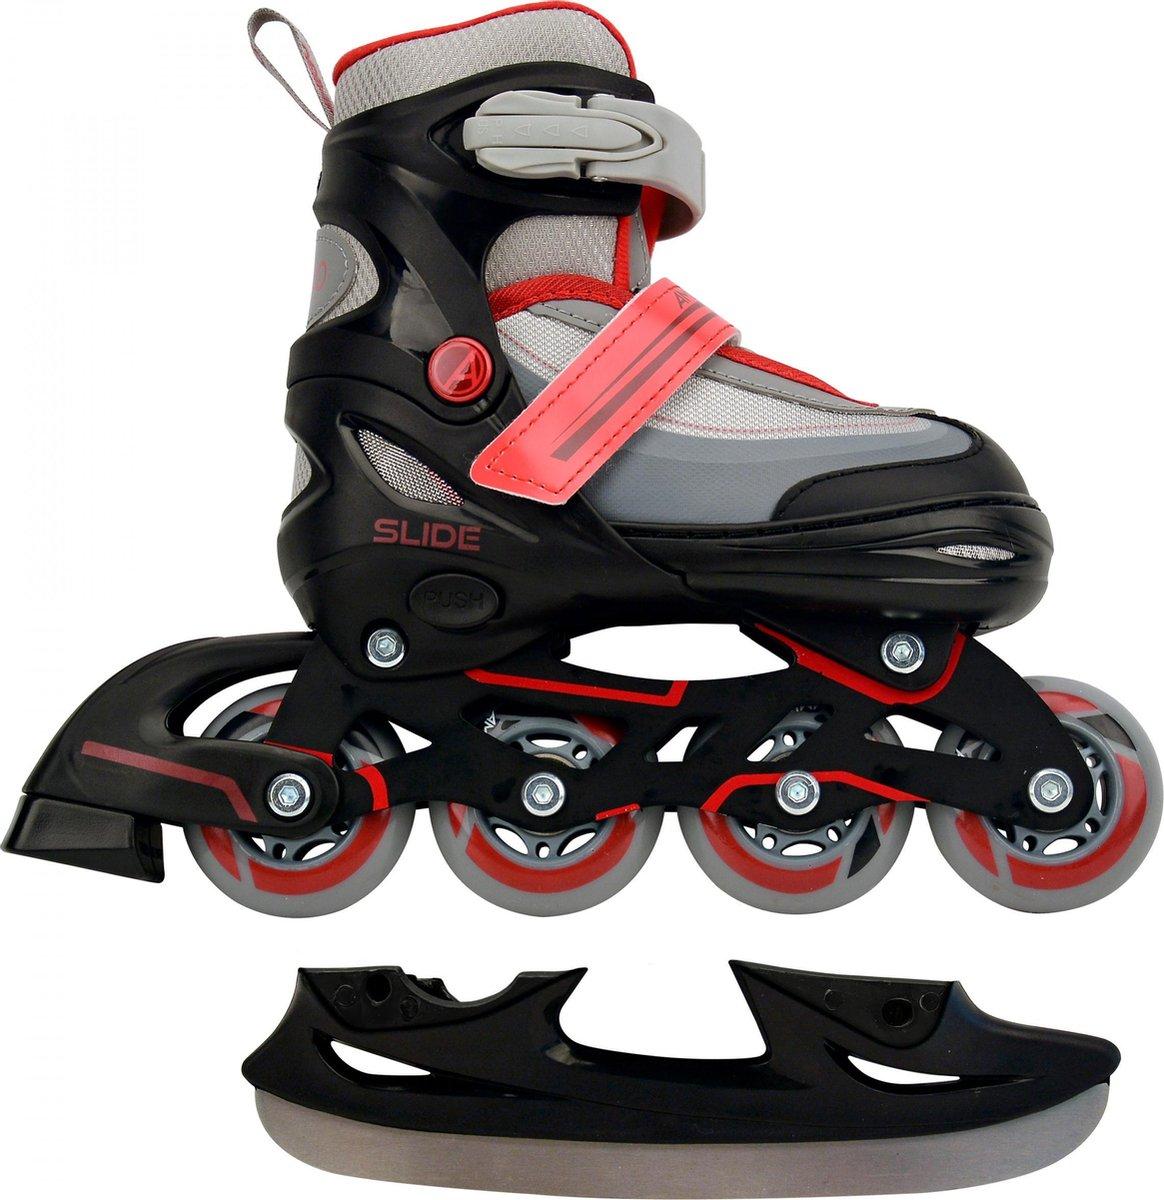 AMIGO Slide 2-in-1 skates - Voor jongens en meisjes - Zwart/Rood - Maat 34-37